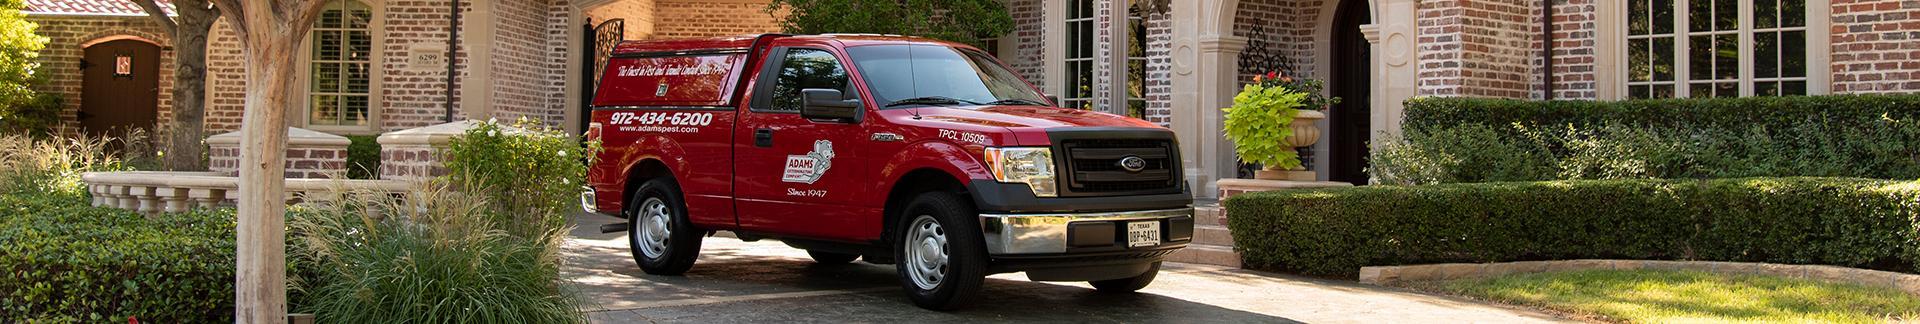 adams pest control's truck in roanoke tx